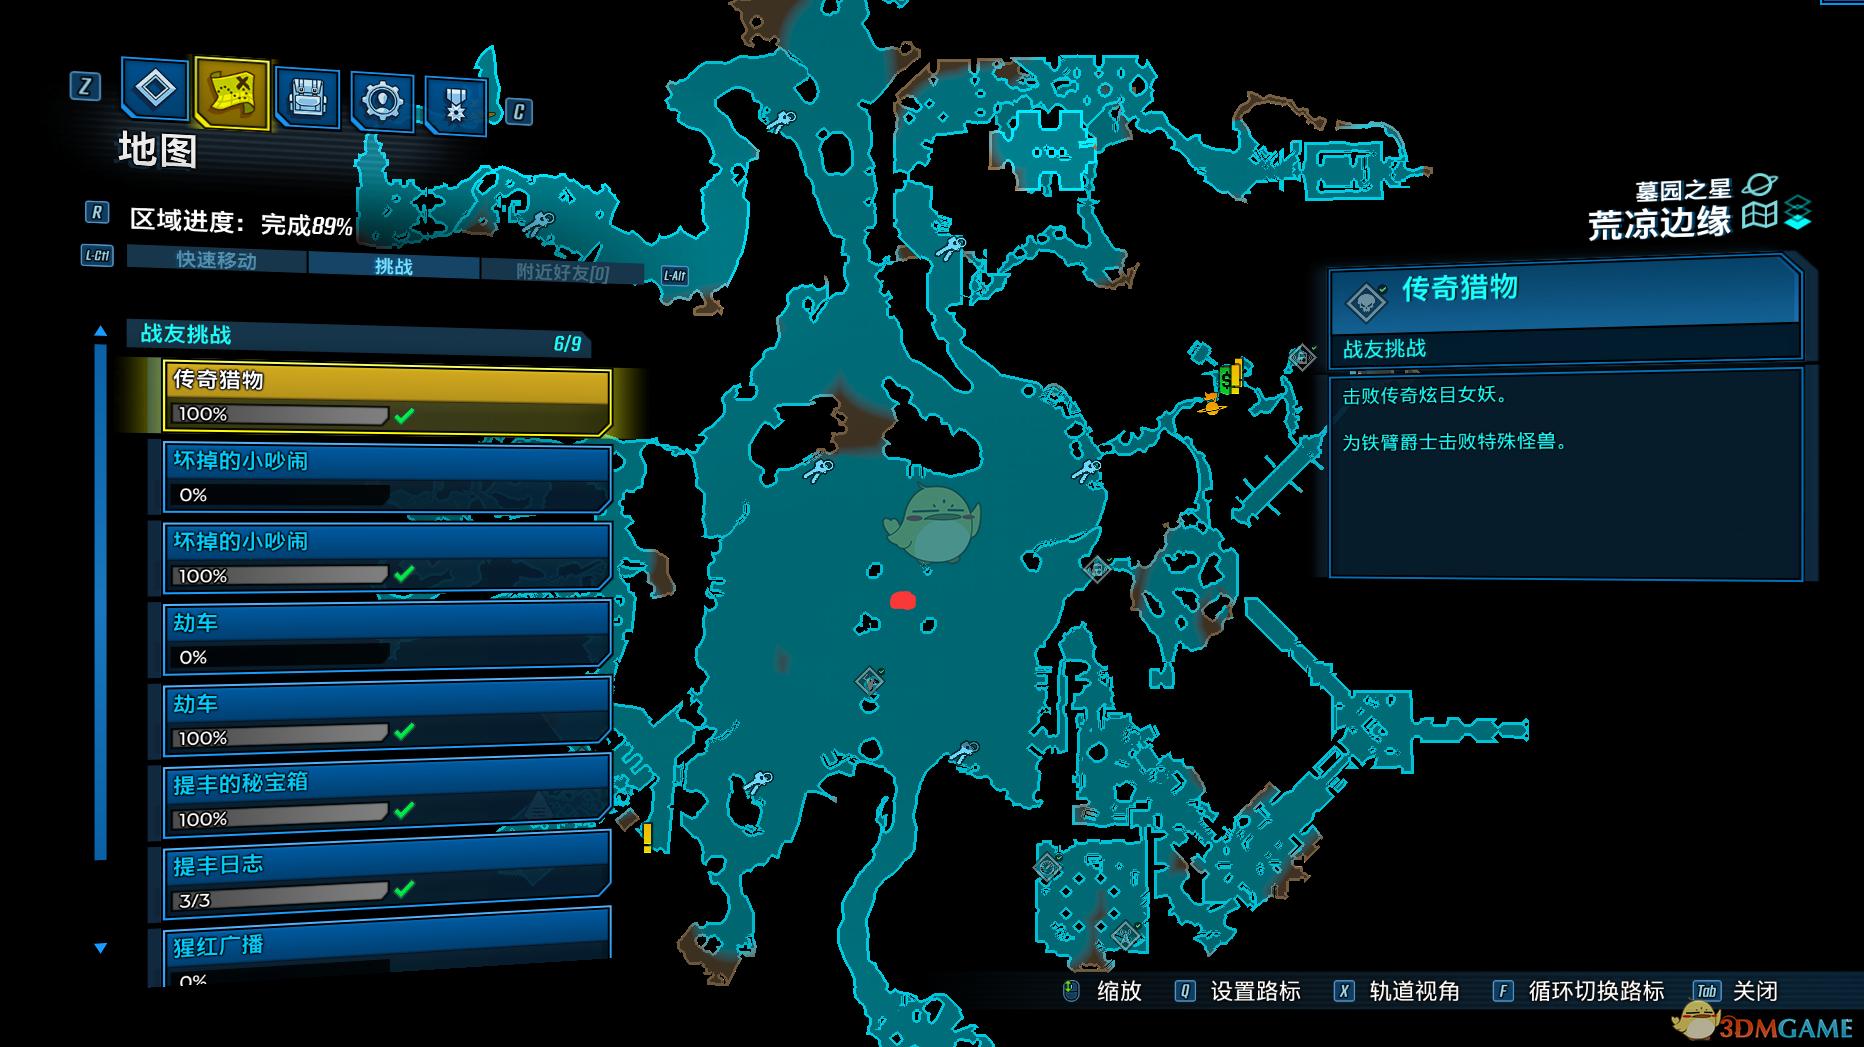 《无主之地3》荒凉边缘骰子宝箱开启方法分享